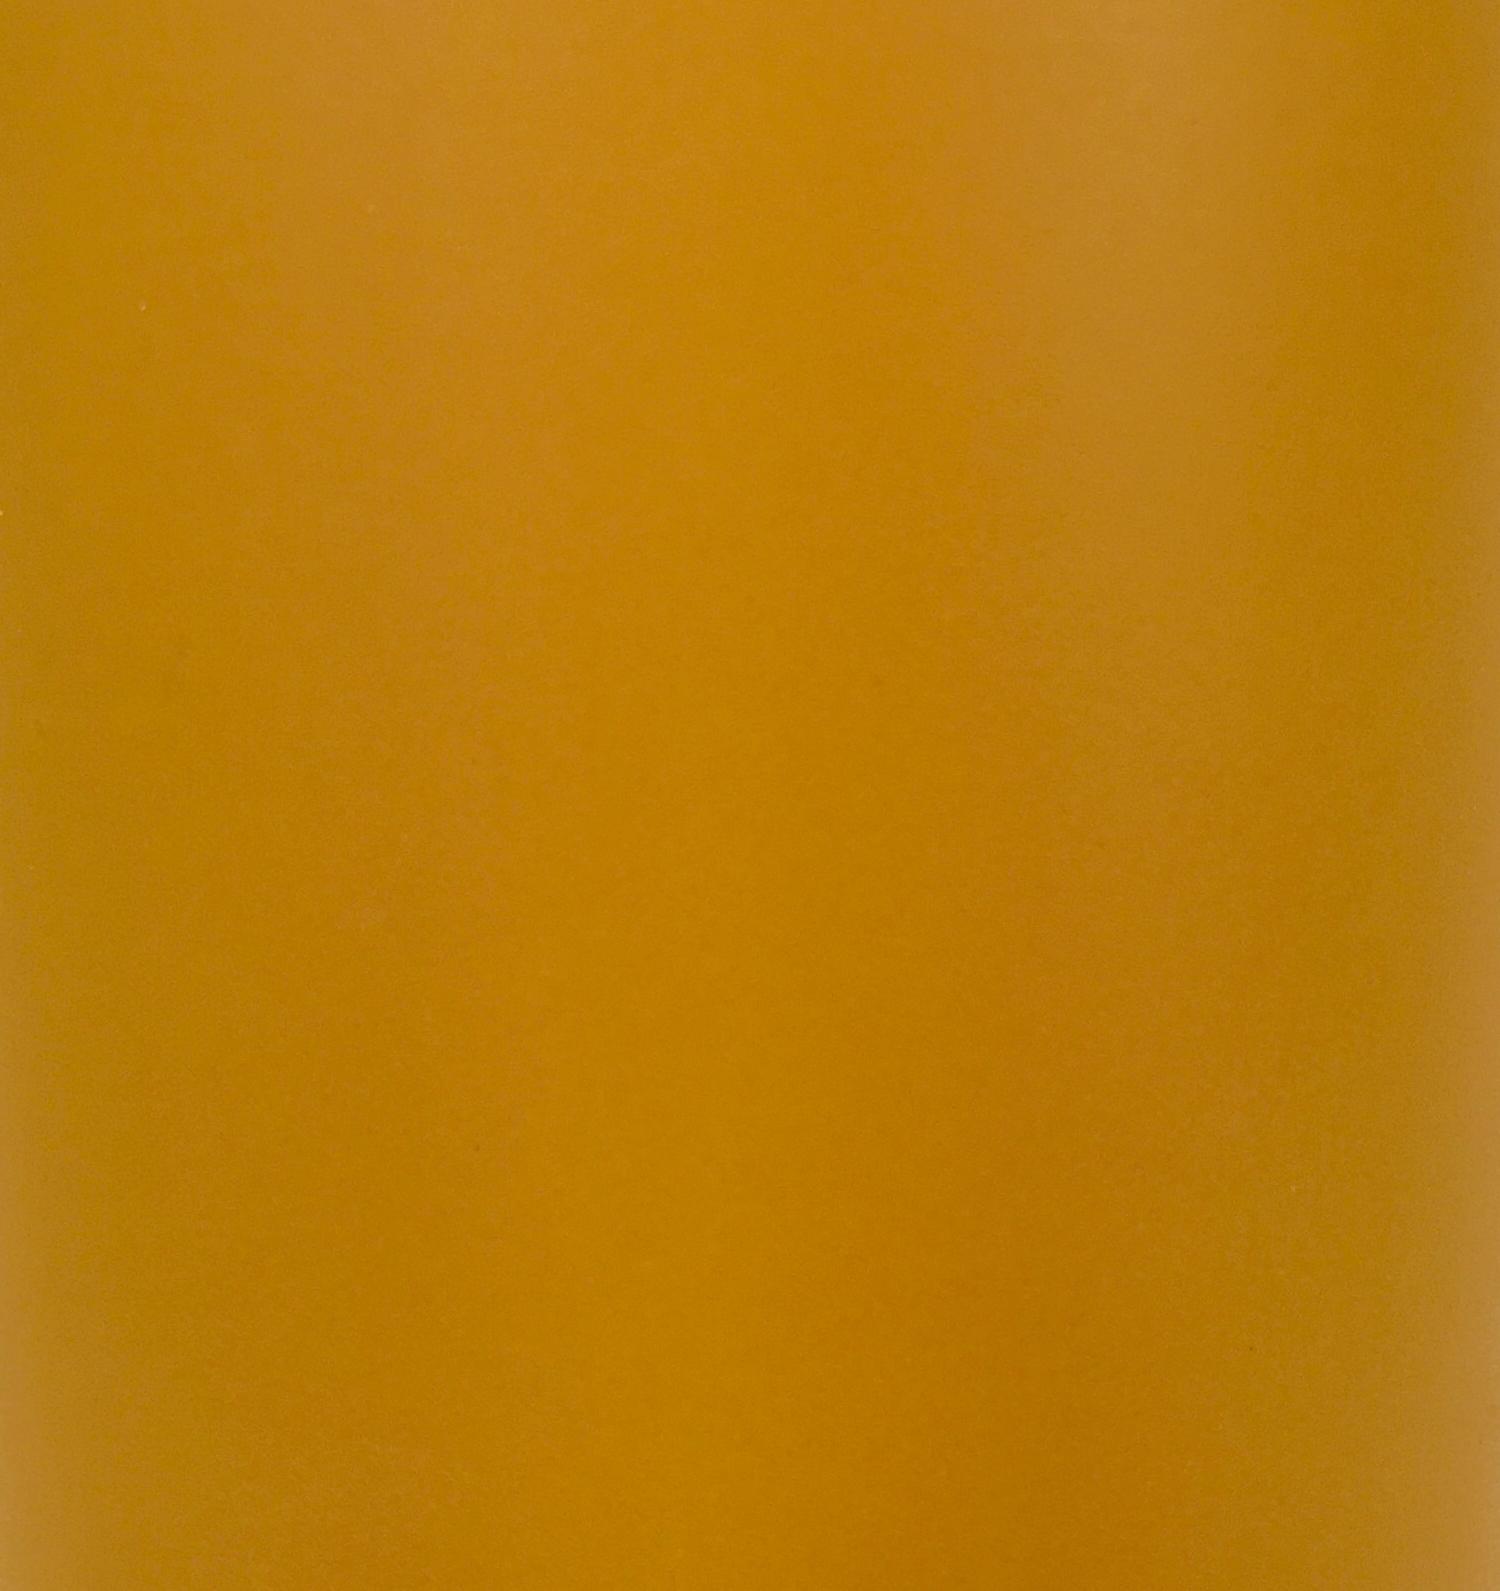 2026 Yellow